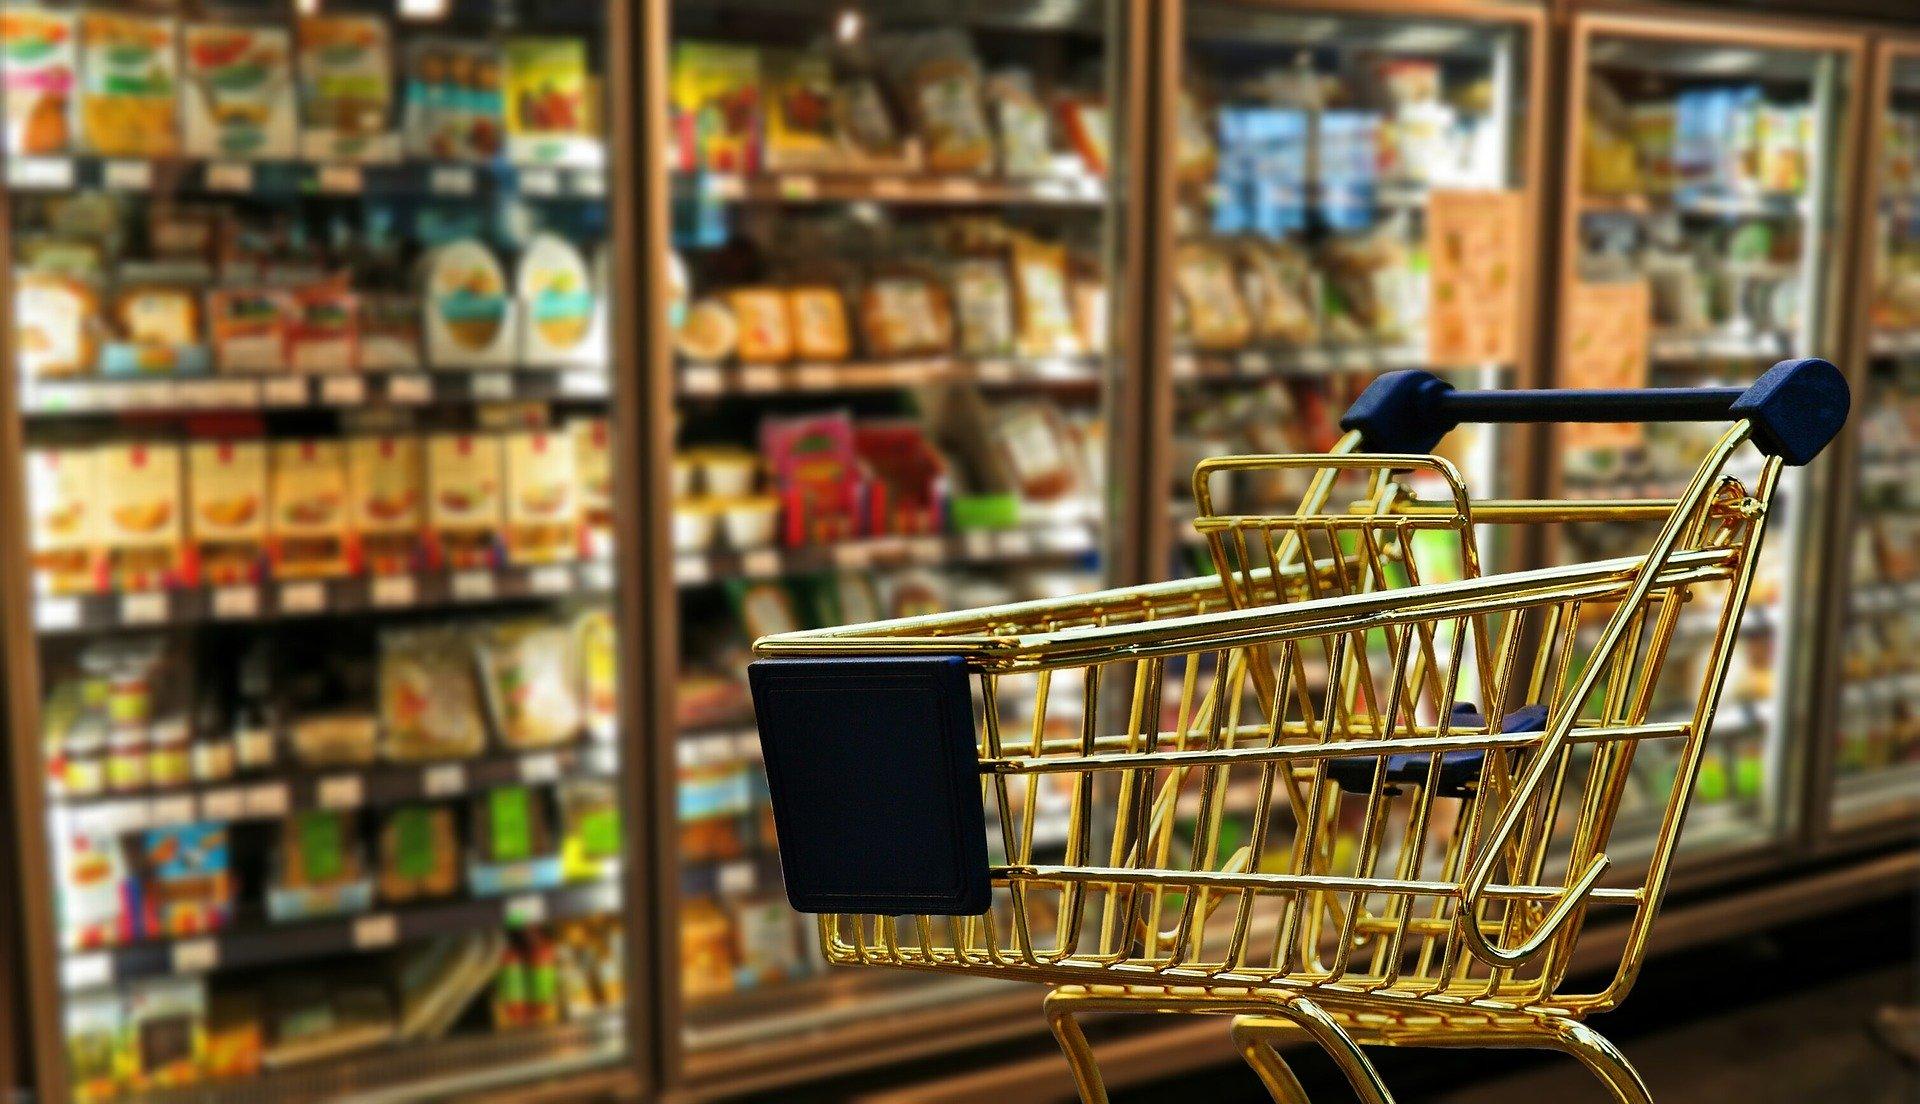 オーストラリアのスーパーマーケットの日本とは違う特徴を解説!